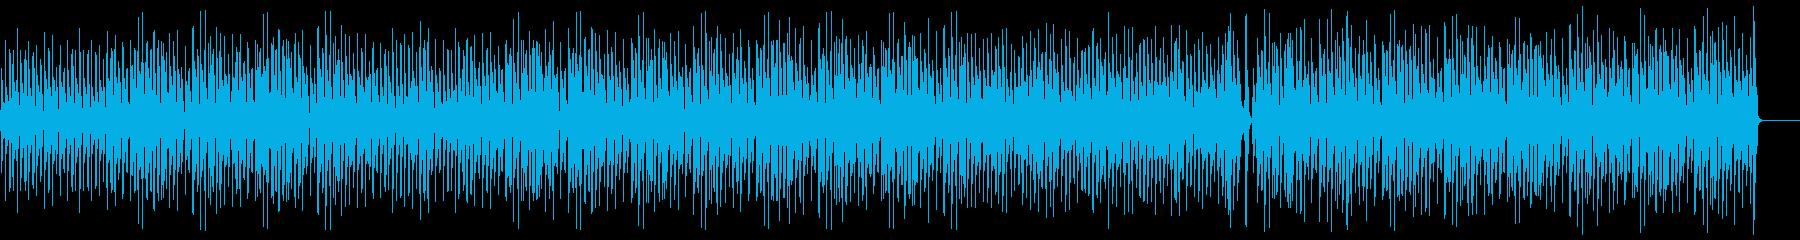 【リズム抜き】ほのぼの/軽快/ウクレレの再生済みの波形